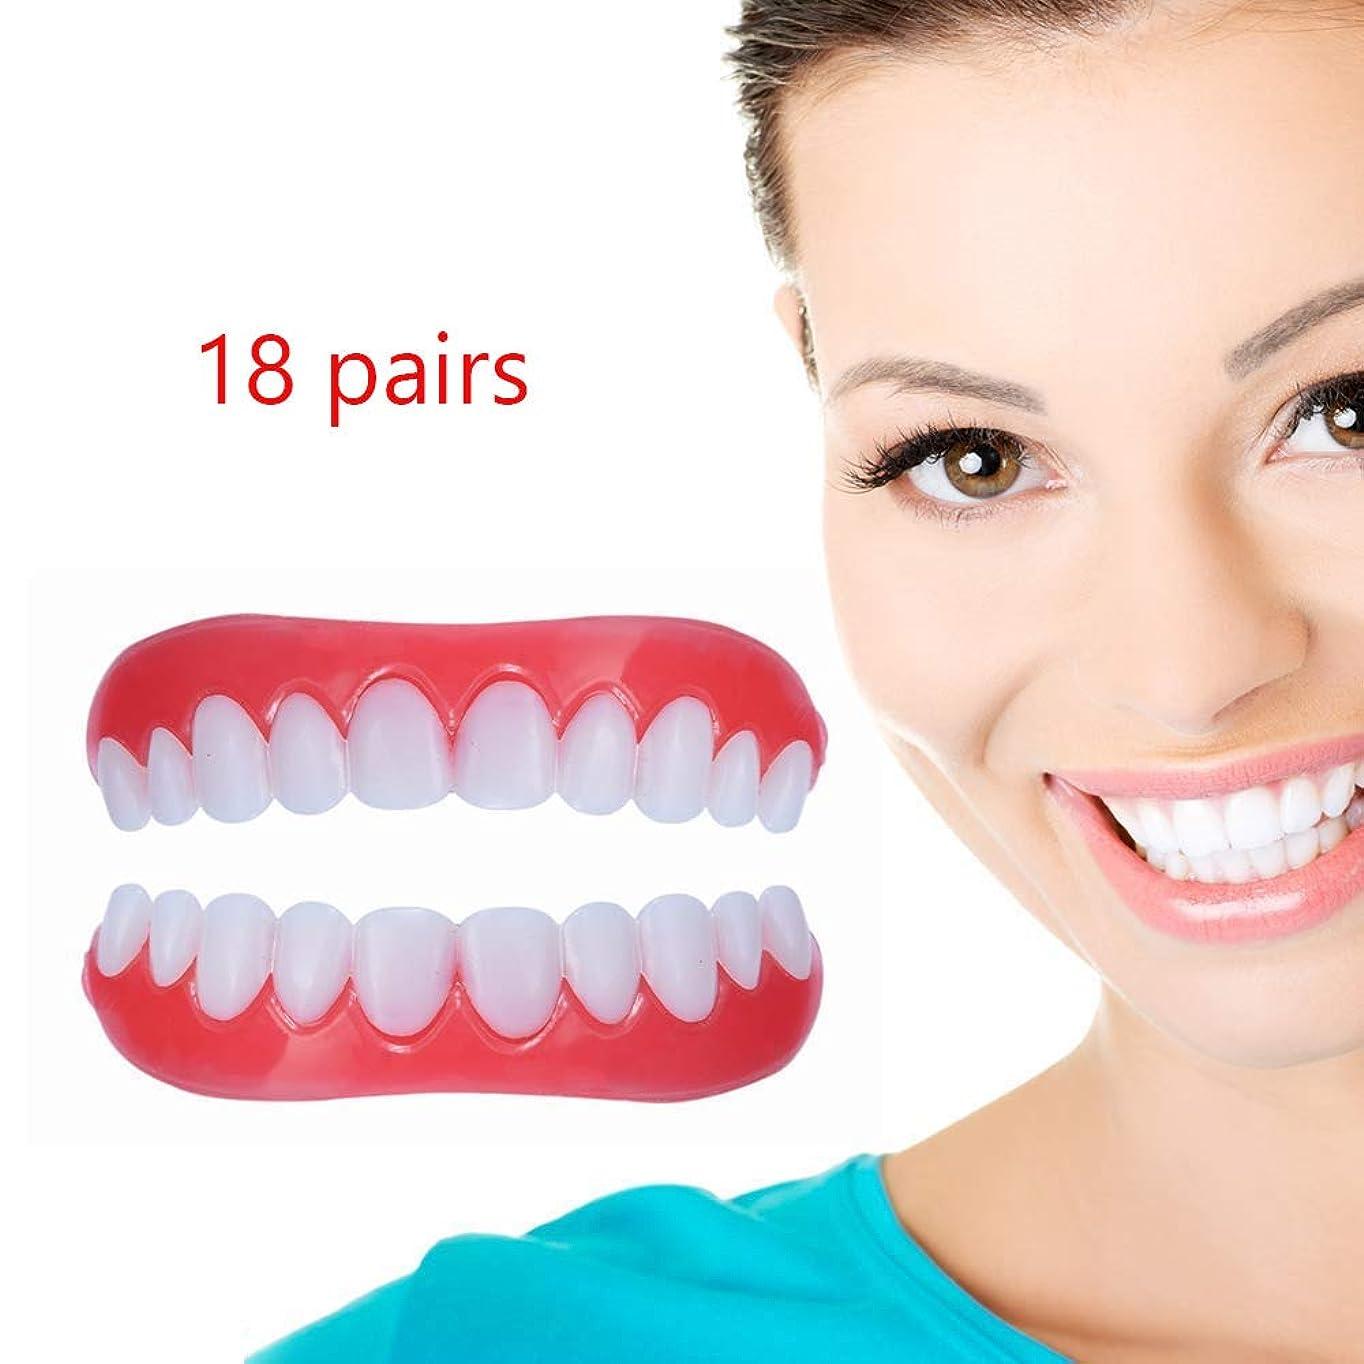 追い出すキー時計回り18ペアプロフェッショナルパーフェクトスマイルベニアダブ入荷上下のベニアインスタントスマイルコンフォートフィットフレックスシリコンは、ホワイトニングと義歯をエミュレートします(上+下)